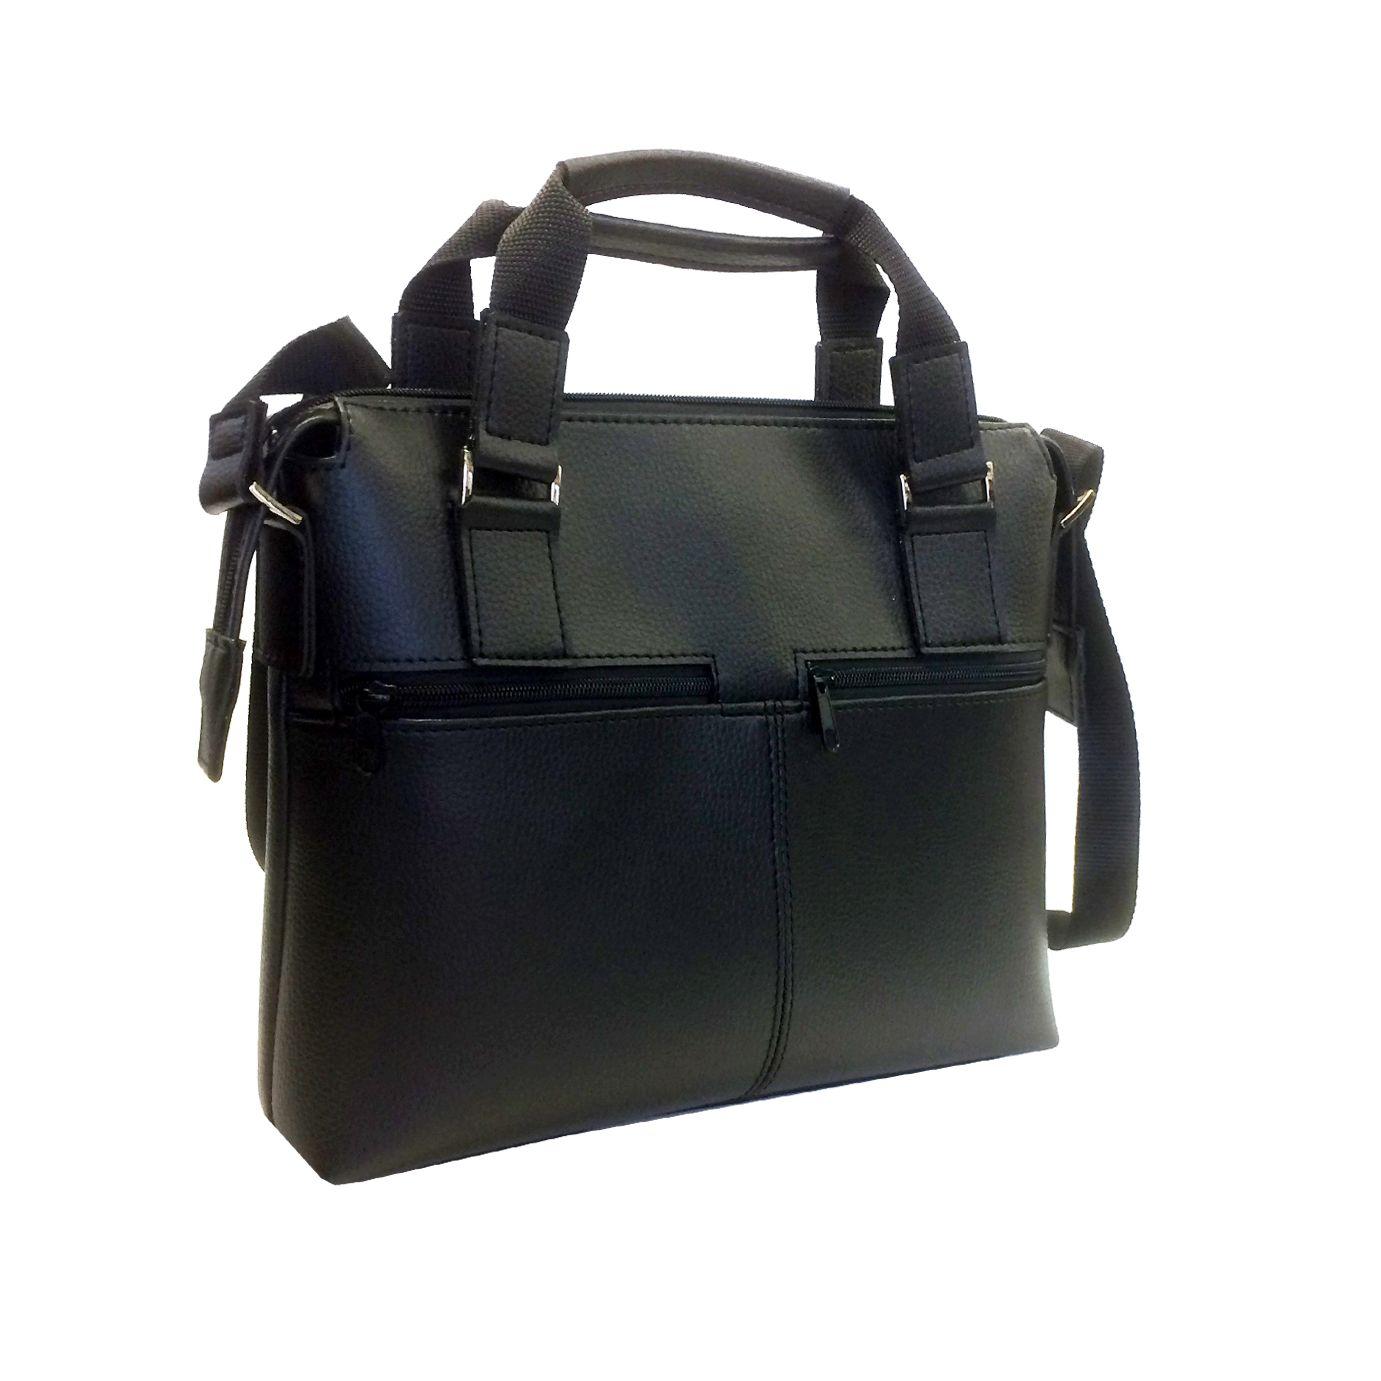 a86e9292c Praktická bussines taška na notebook 8676 v čiernej farbe - Kožená ...